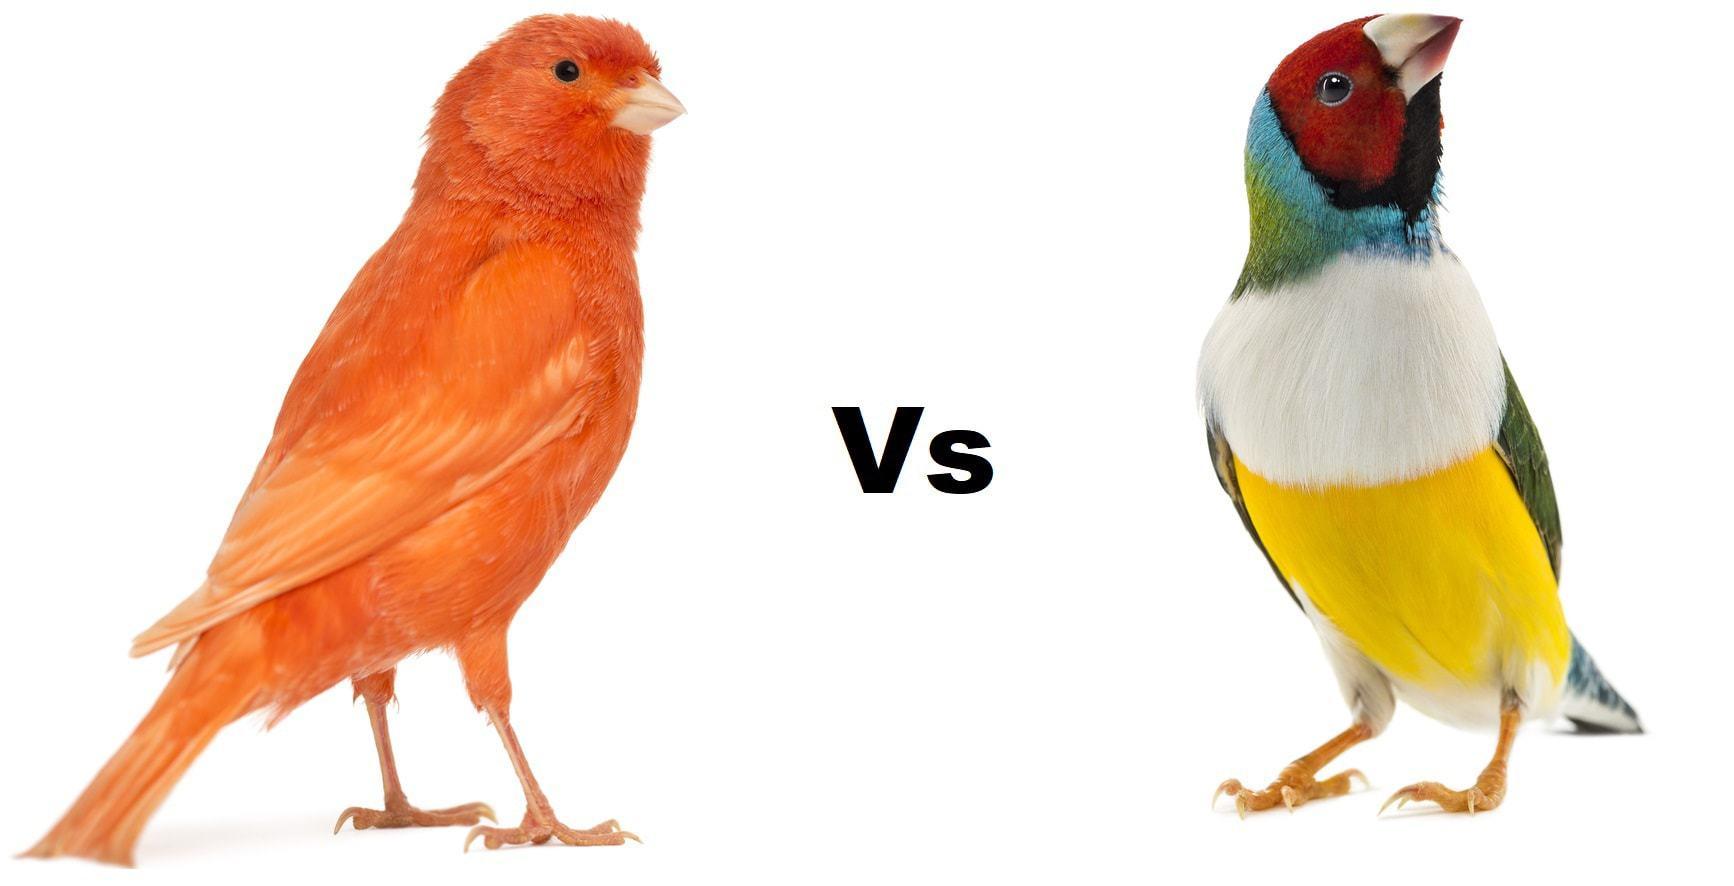 canary vs finch